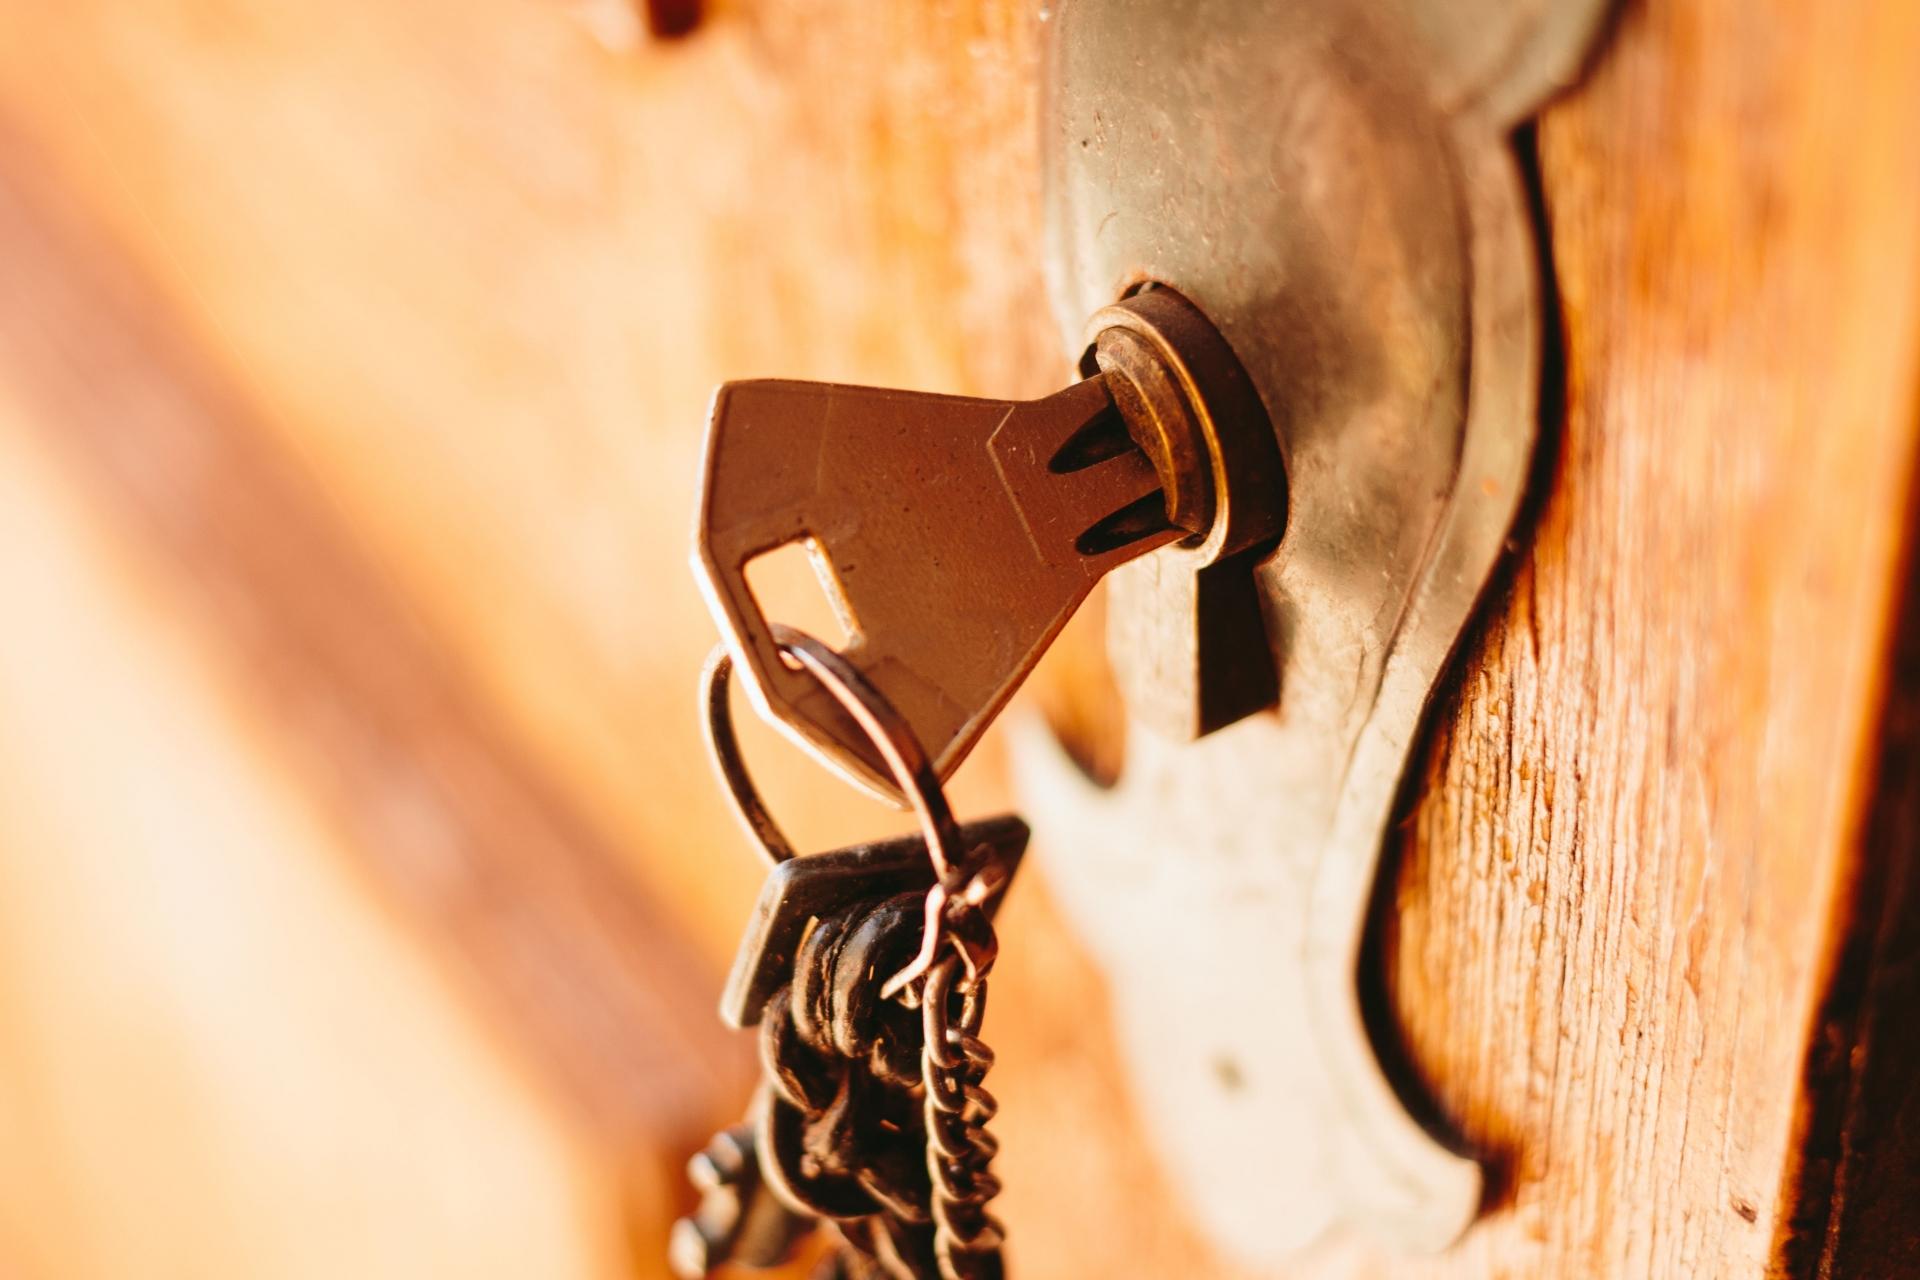 ドア周り防犯用品のおすすめ4選!ドアスコープカバーも